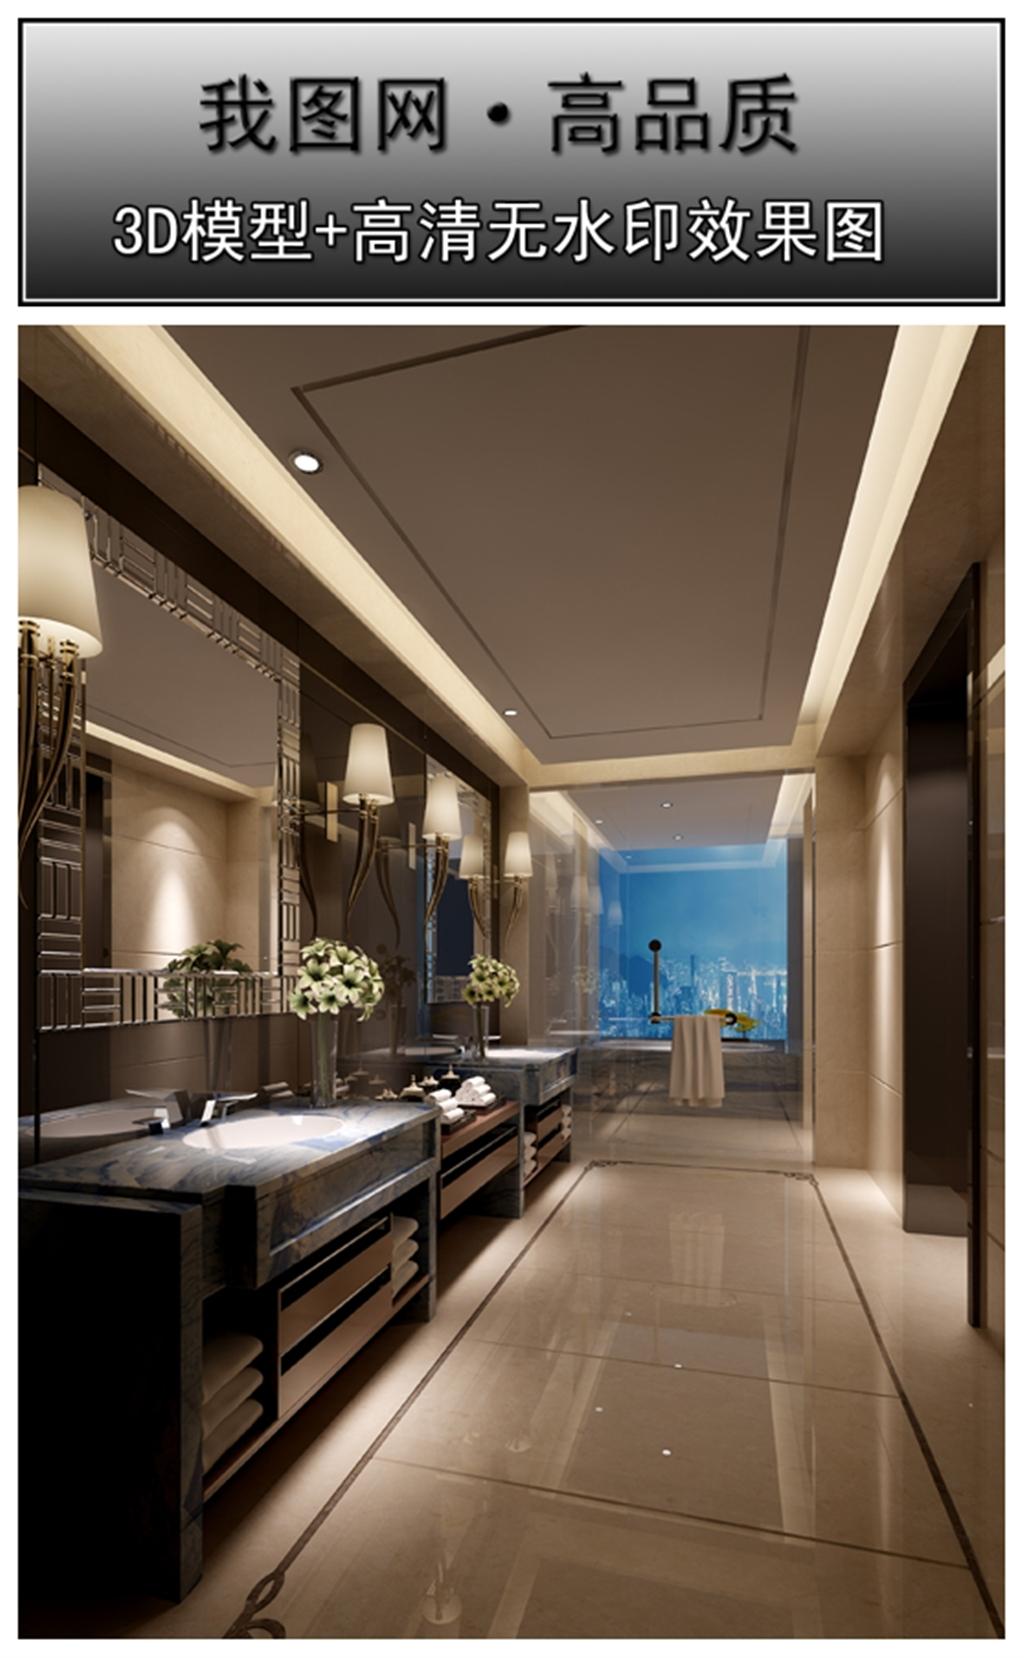 酒店卫生间3d模型